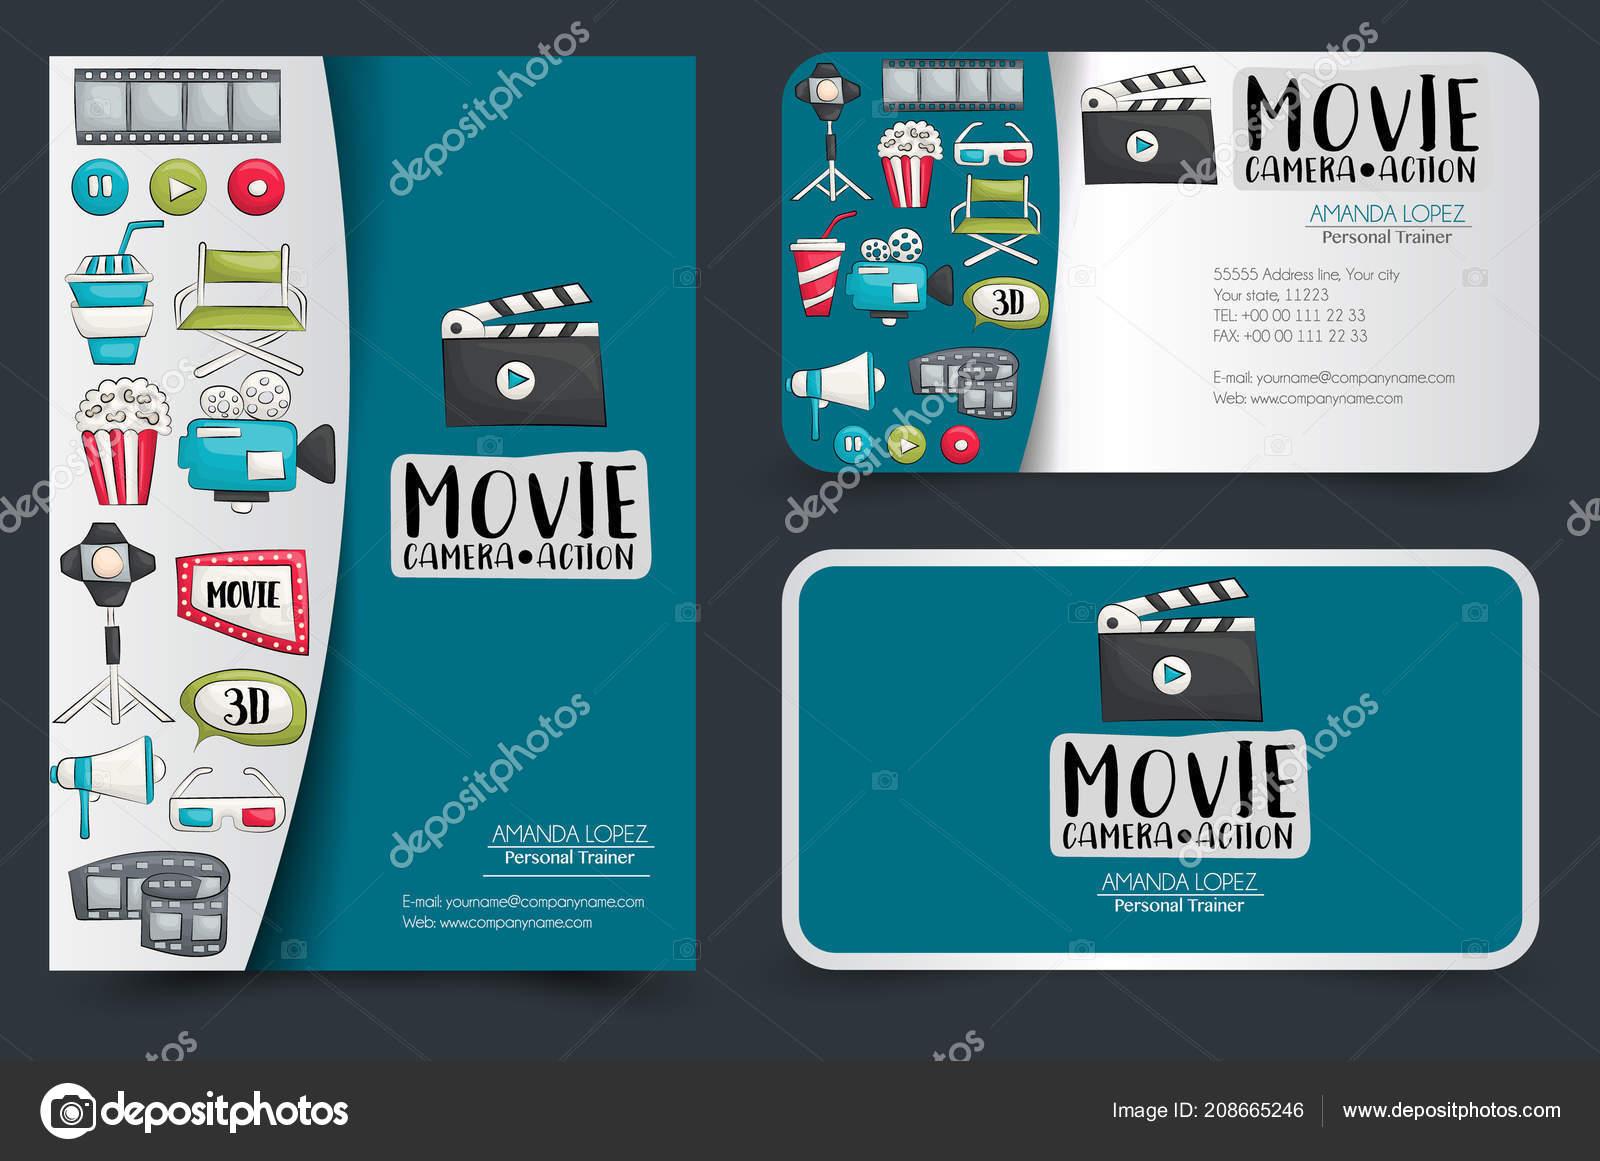 Film Kino Corporate Identity Design Gesetzt Flyer Und